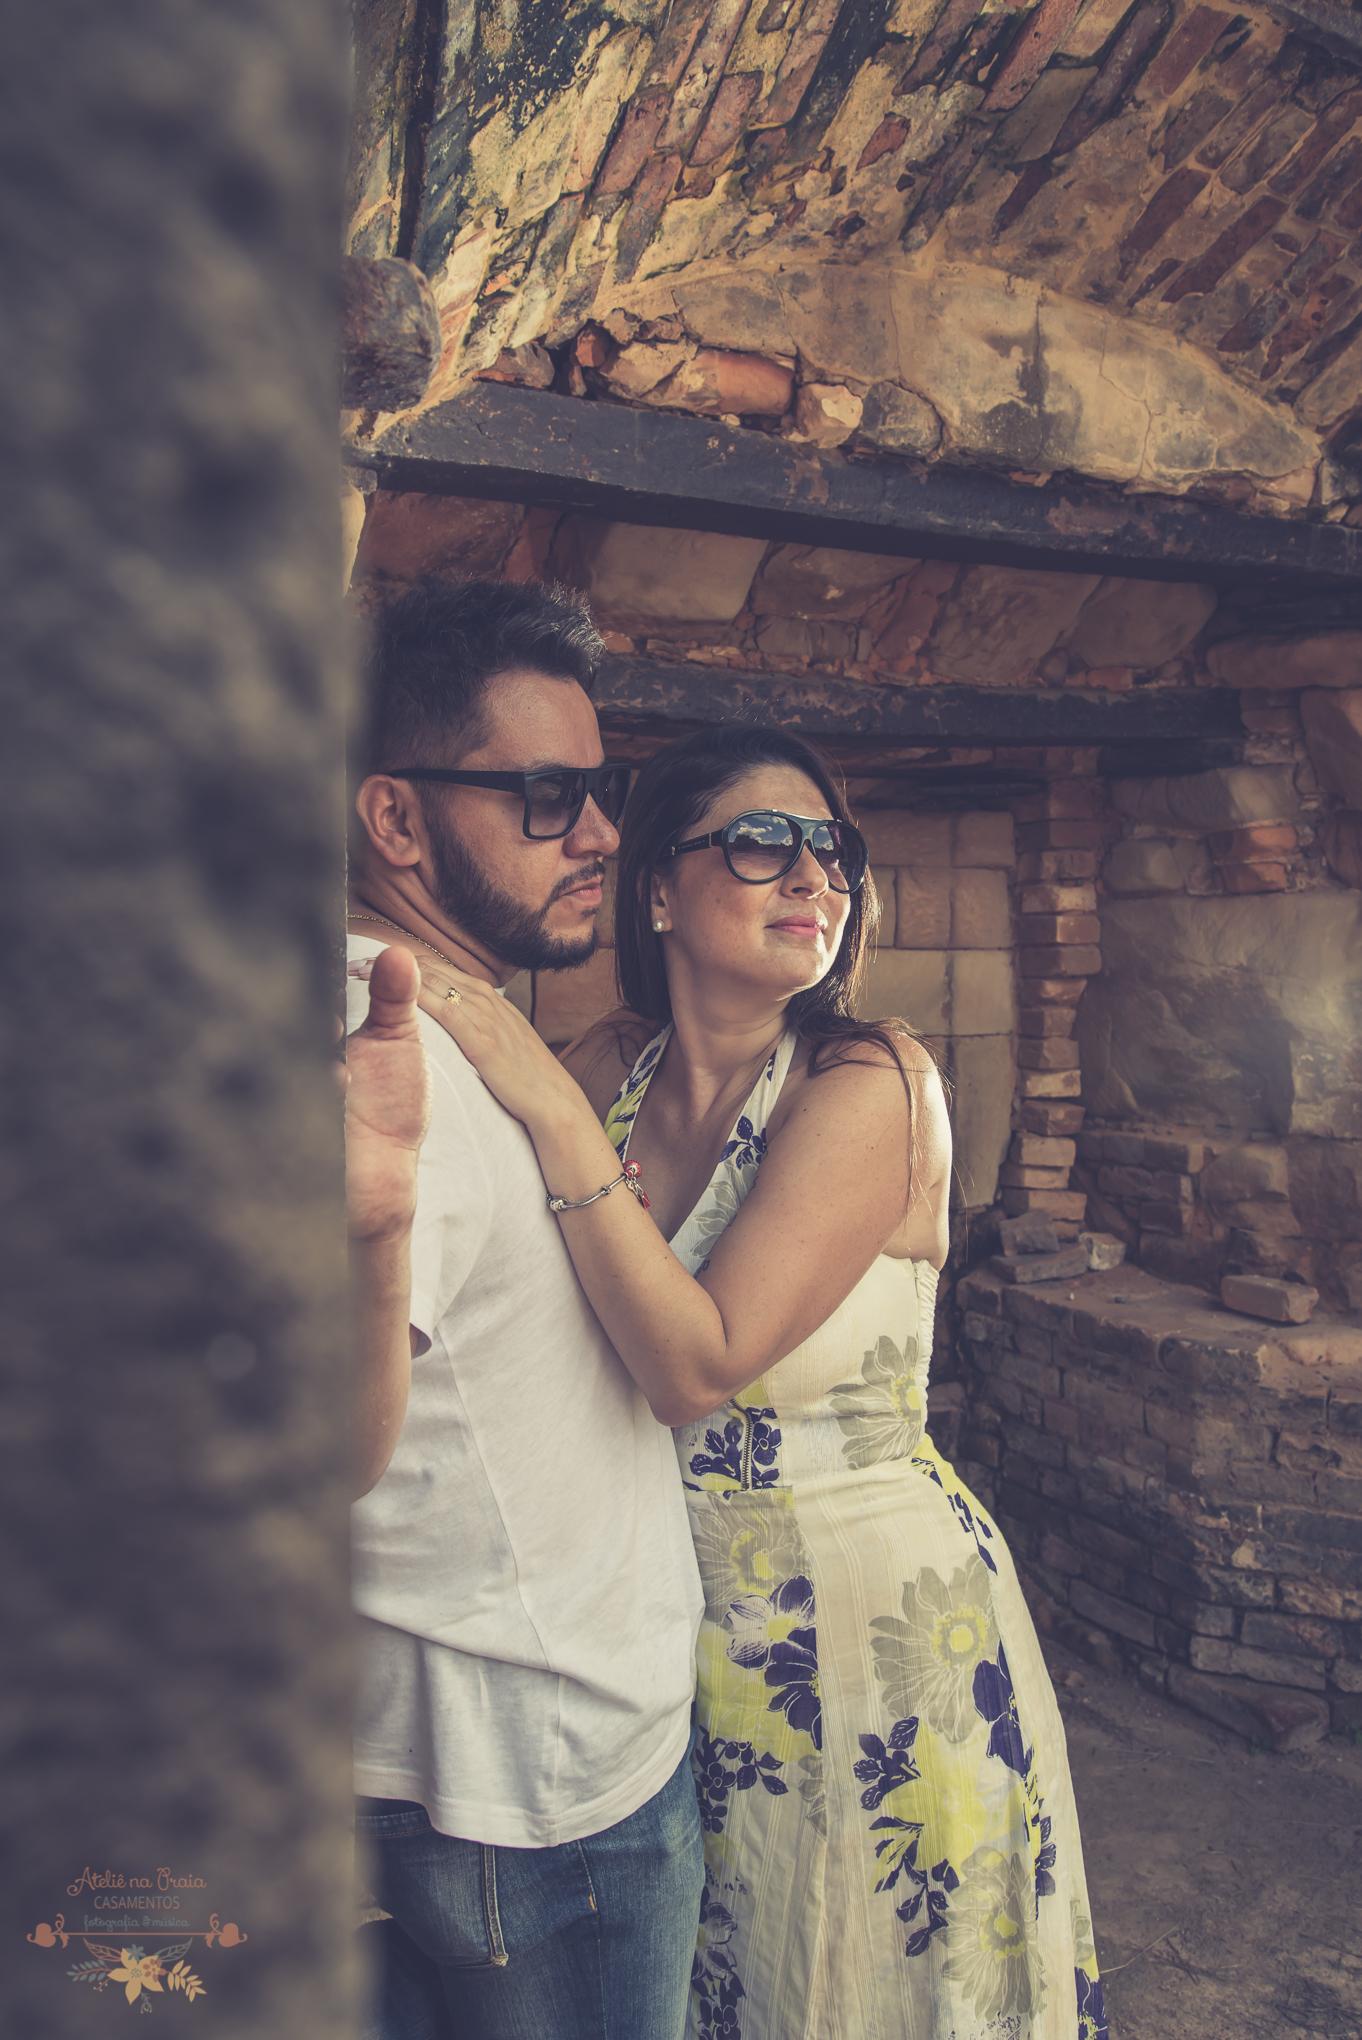 Atelie-na-Praia-Pre-Wedding-Yasmine-Anderson-PQ-7374